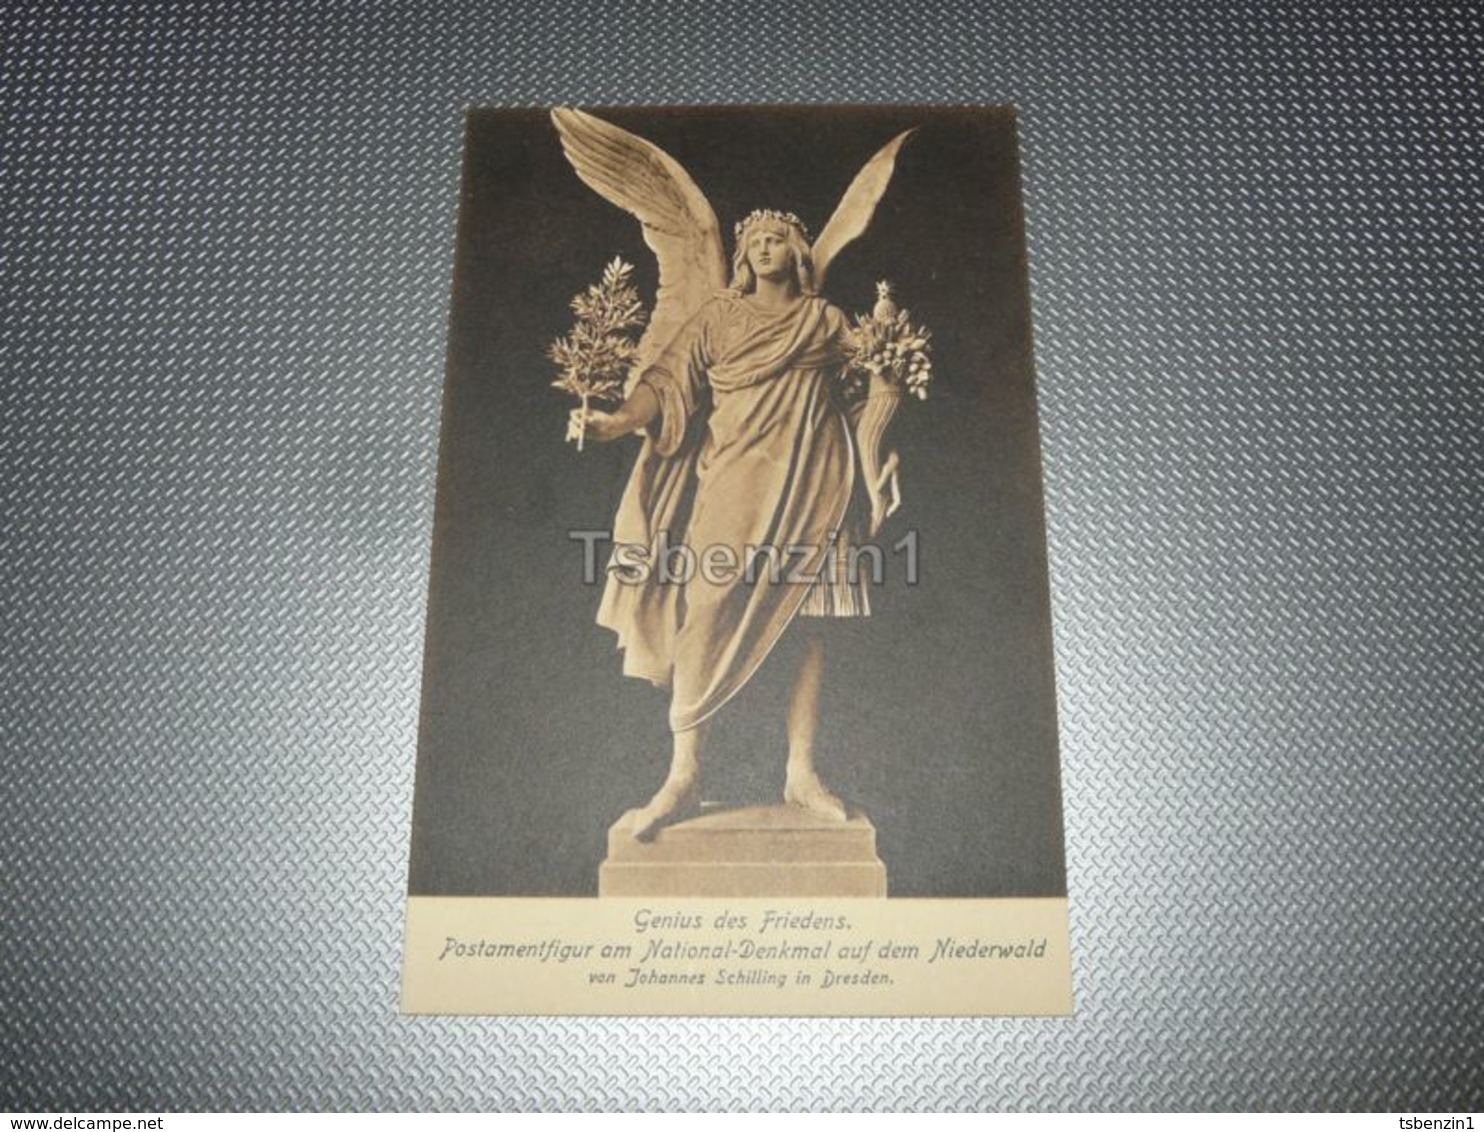 Genius Des Friedens. Postamentfigur Am National-Denkmal Auf Dem Niederwald Von Johannes Schilling In Dresden Germany - Dresden